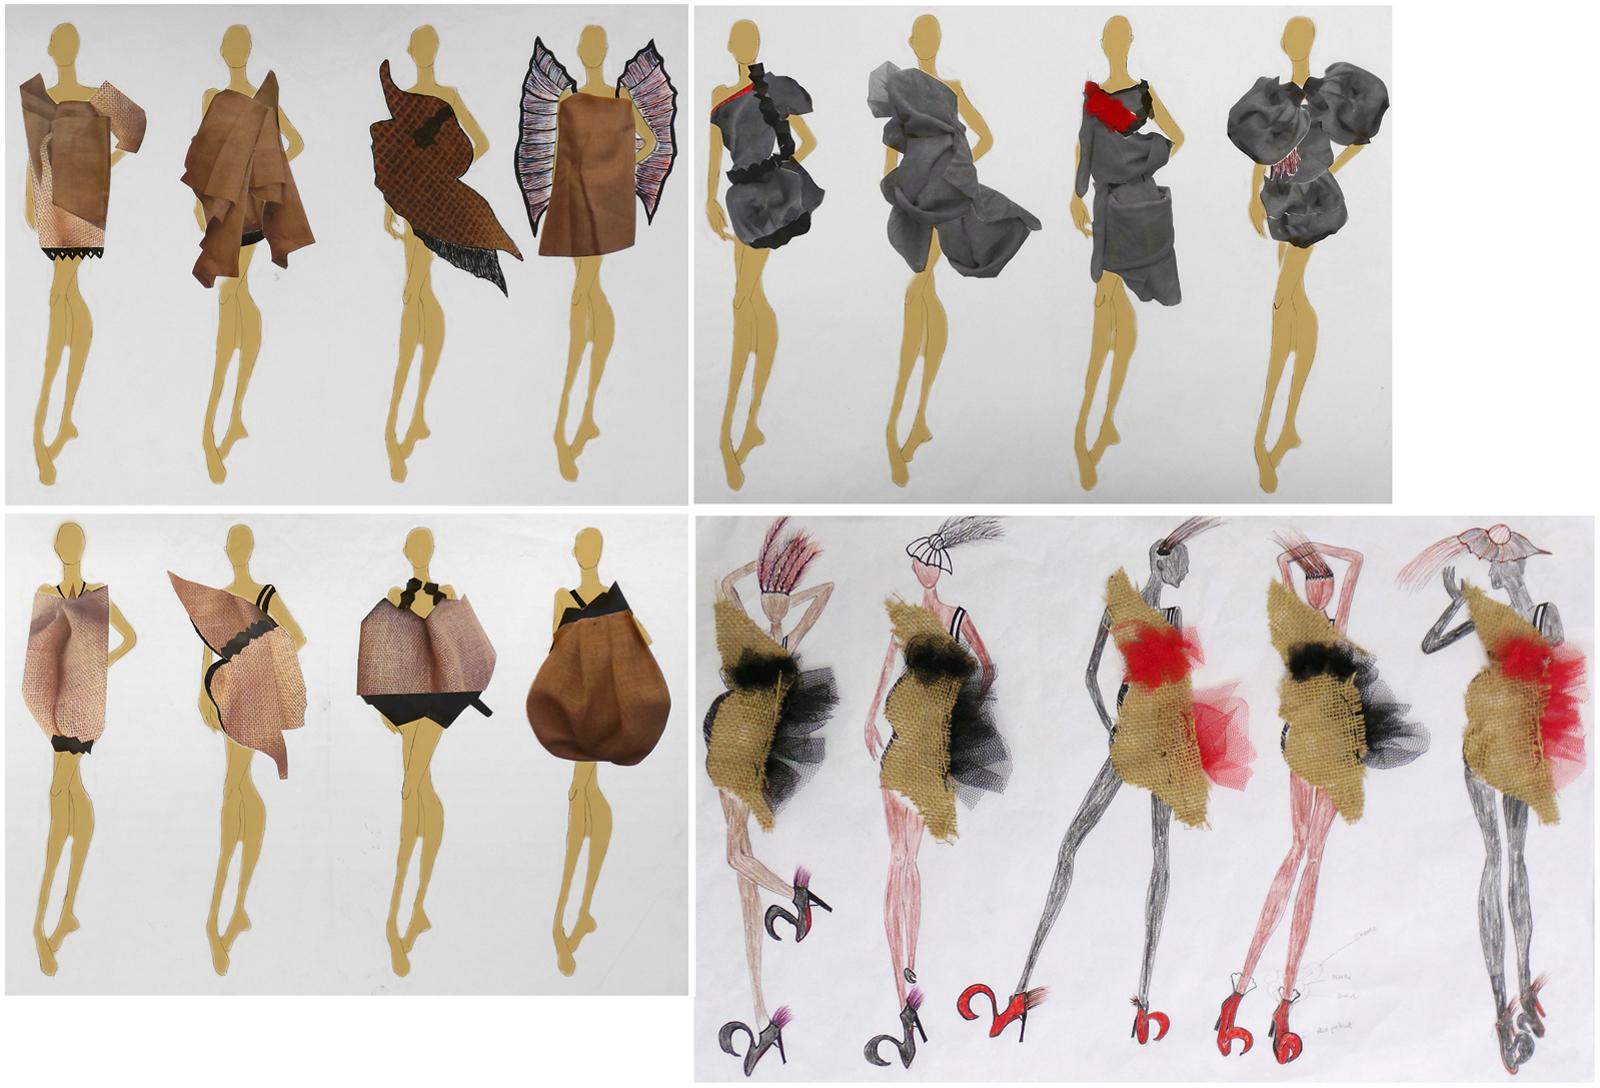 Hessian Fashion Group